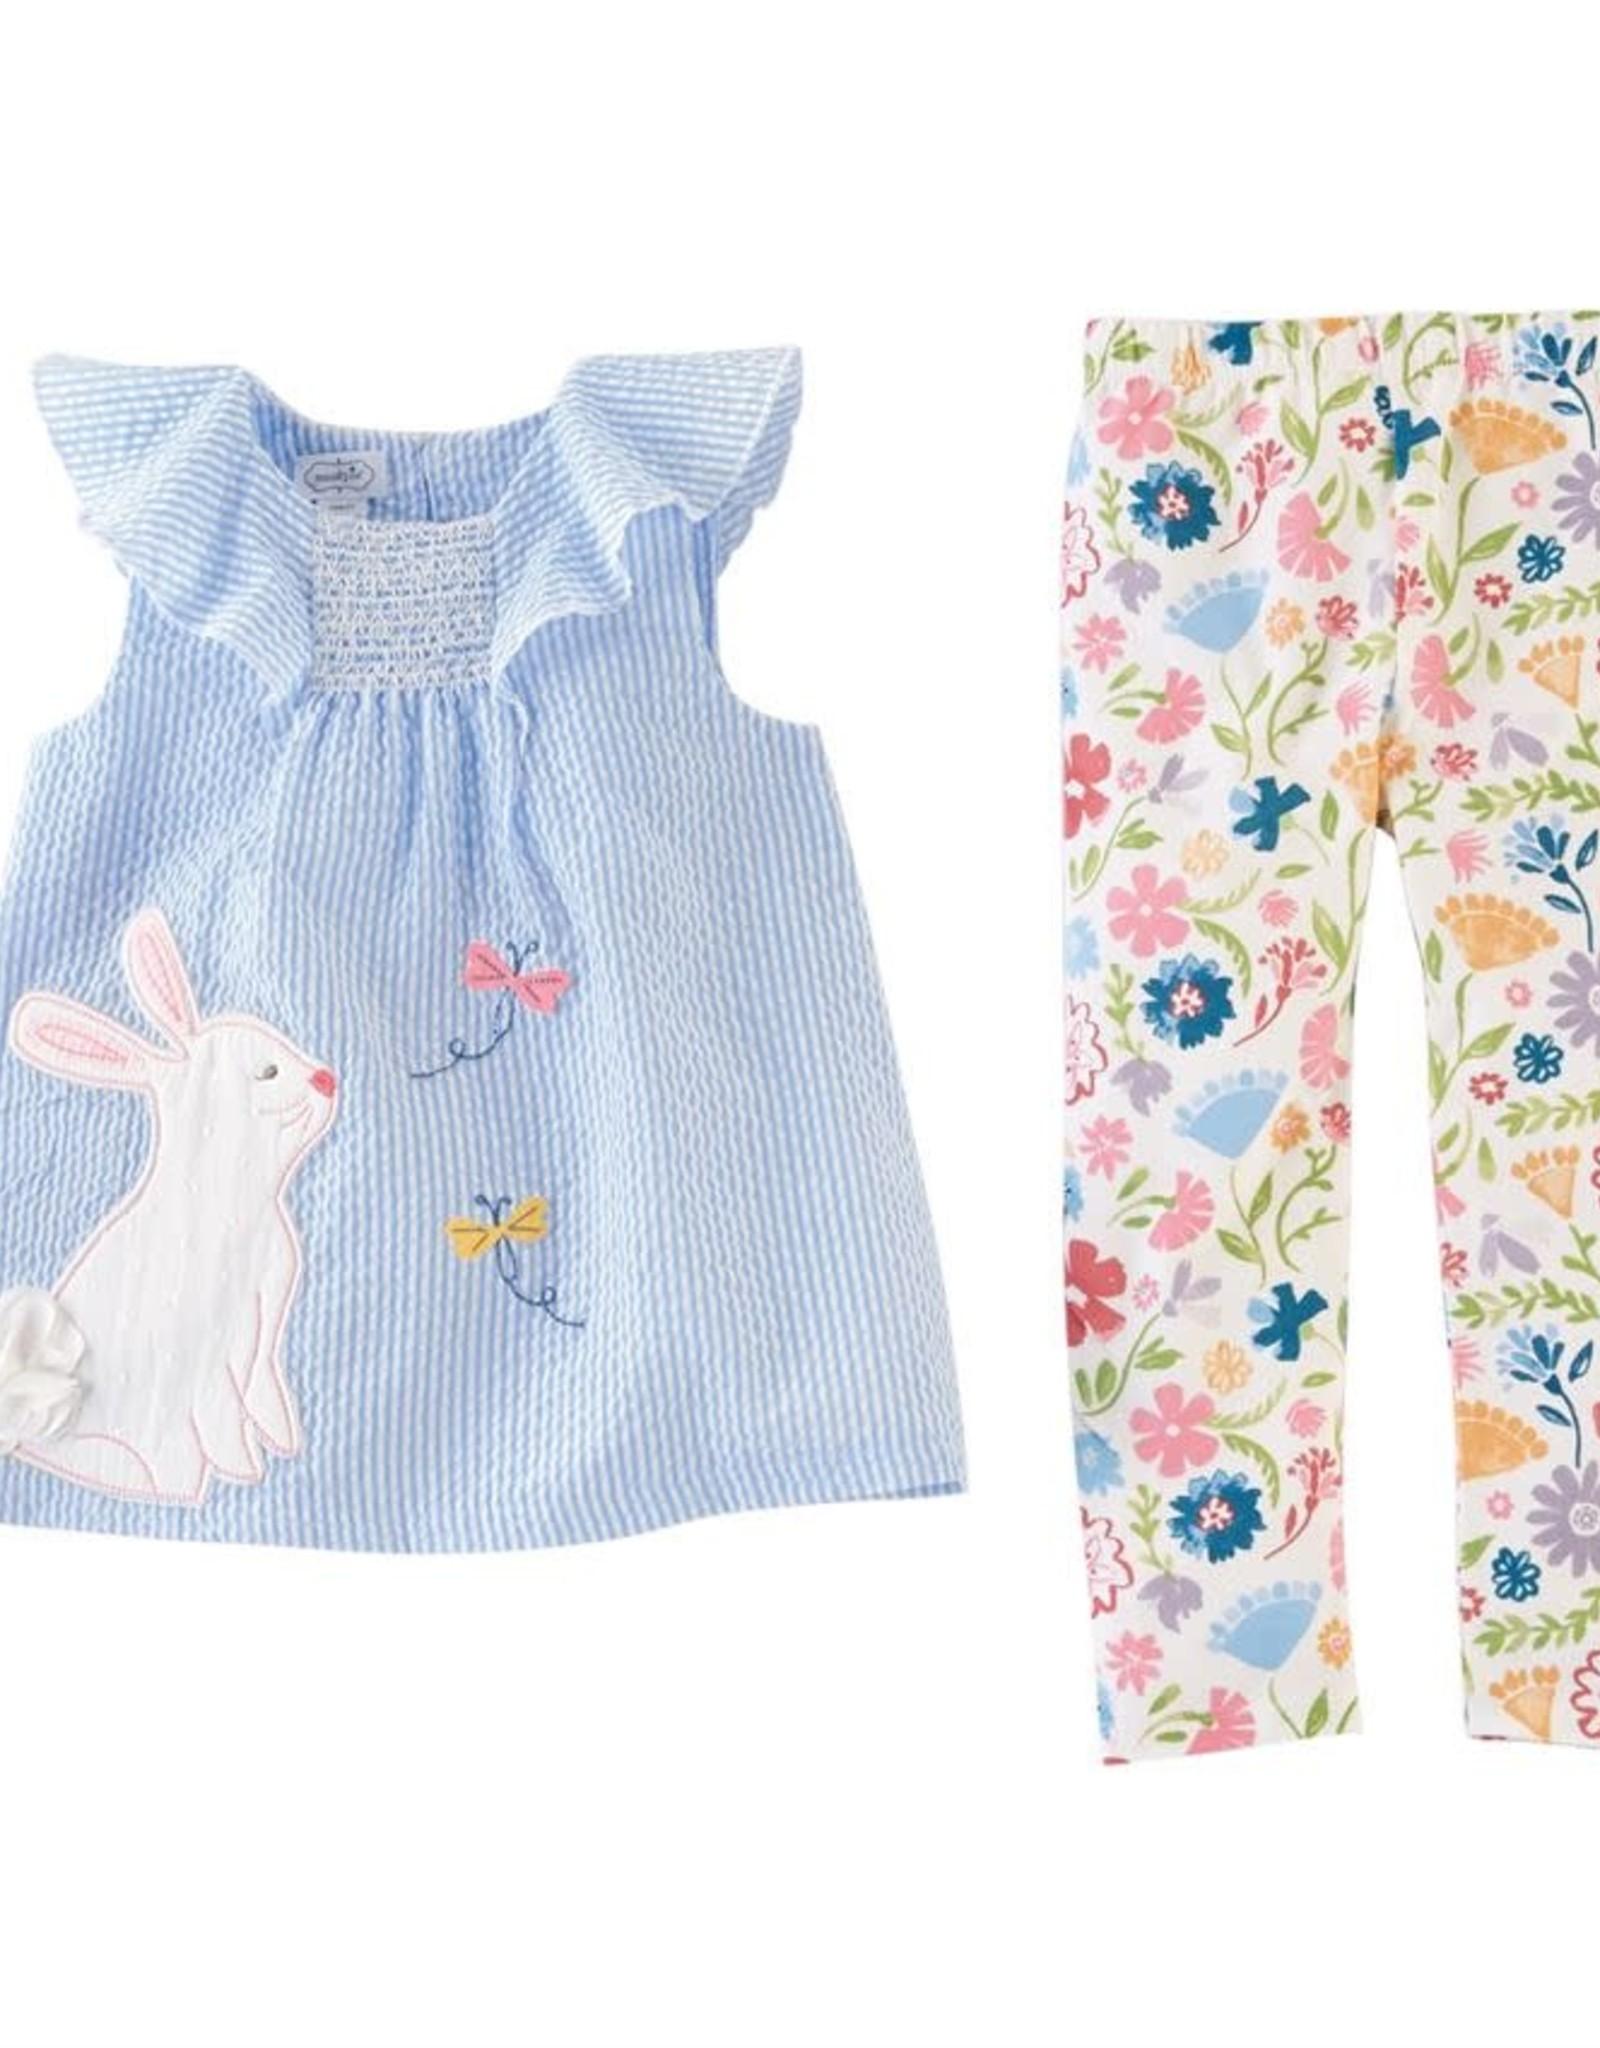 Easter Tunic/legg set